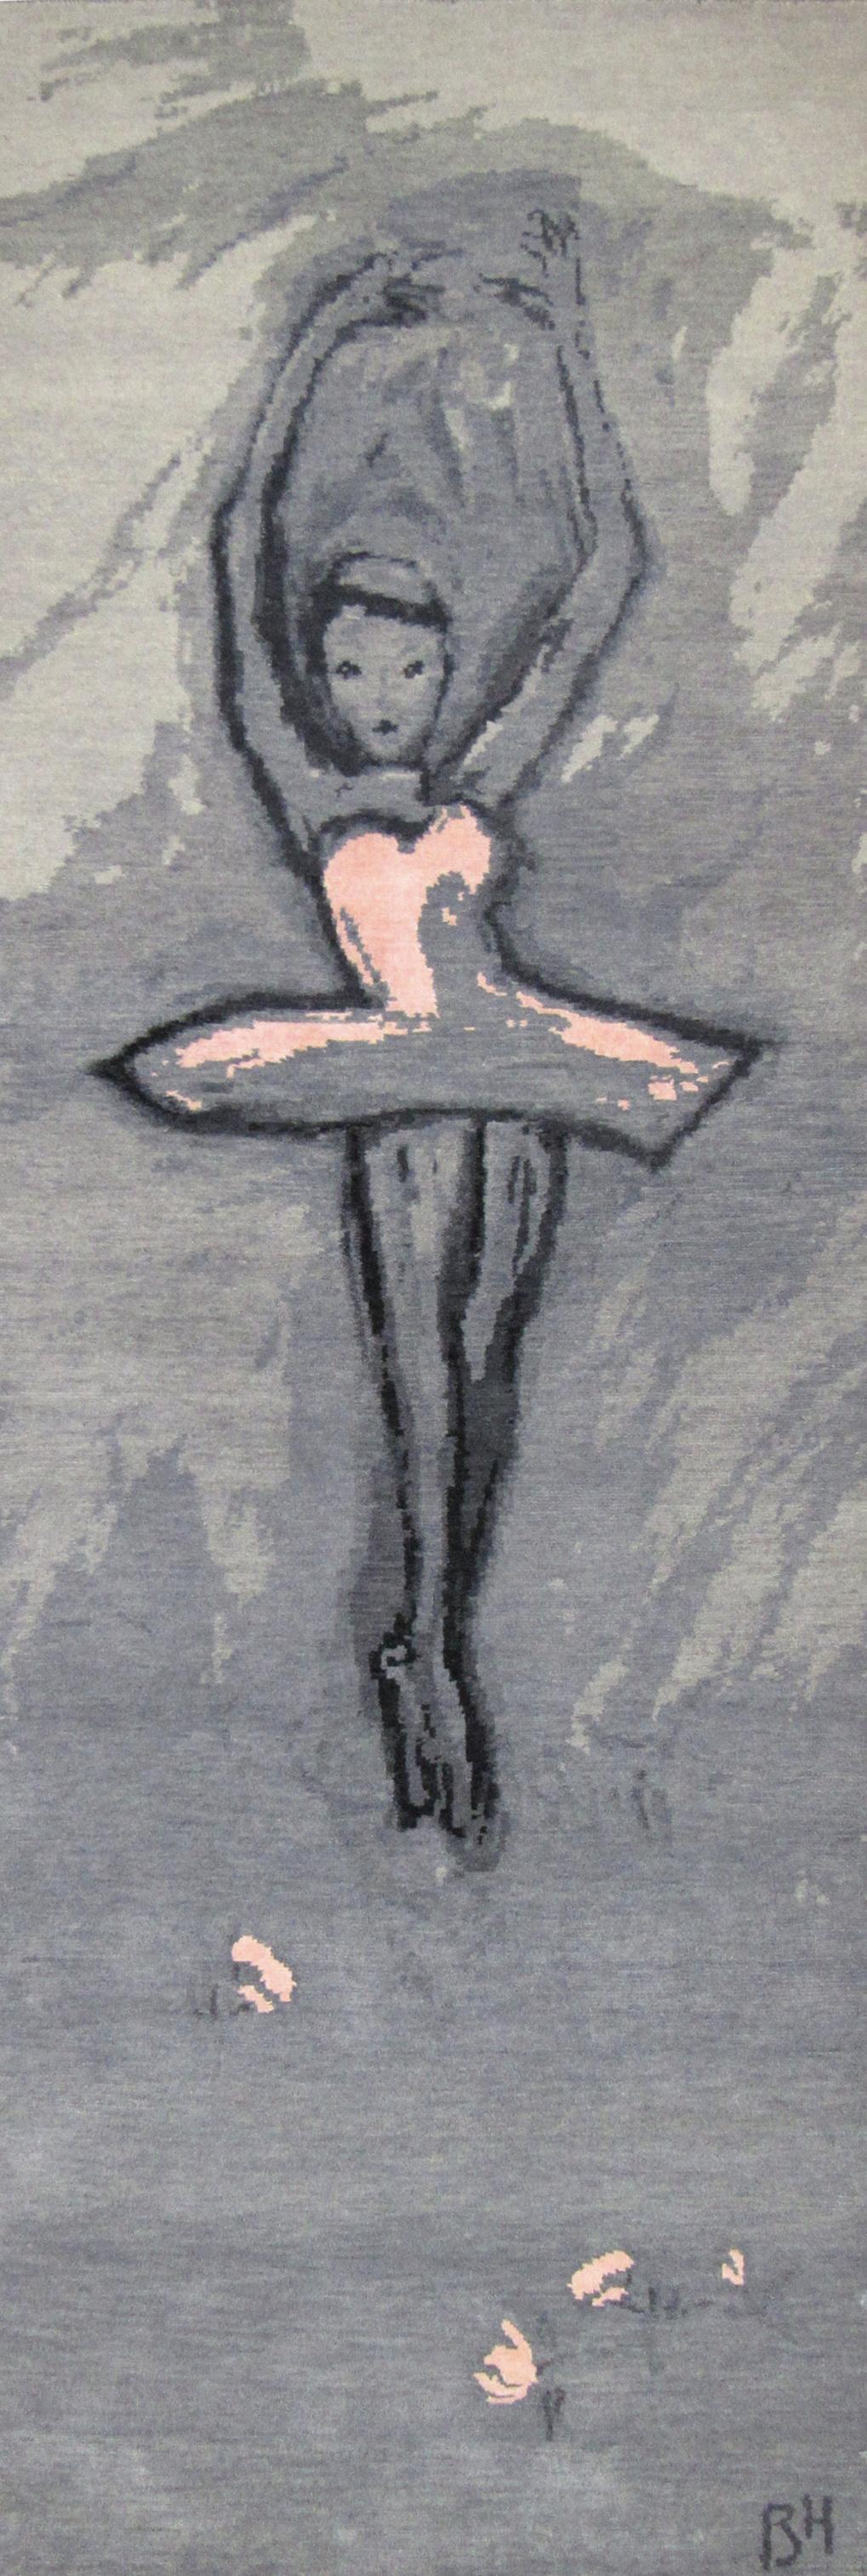 BHEST_Runner_Ballerina.jpg